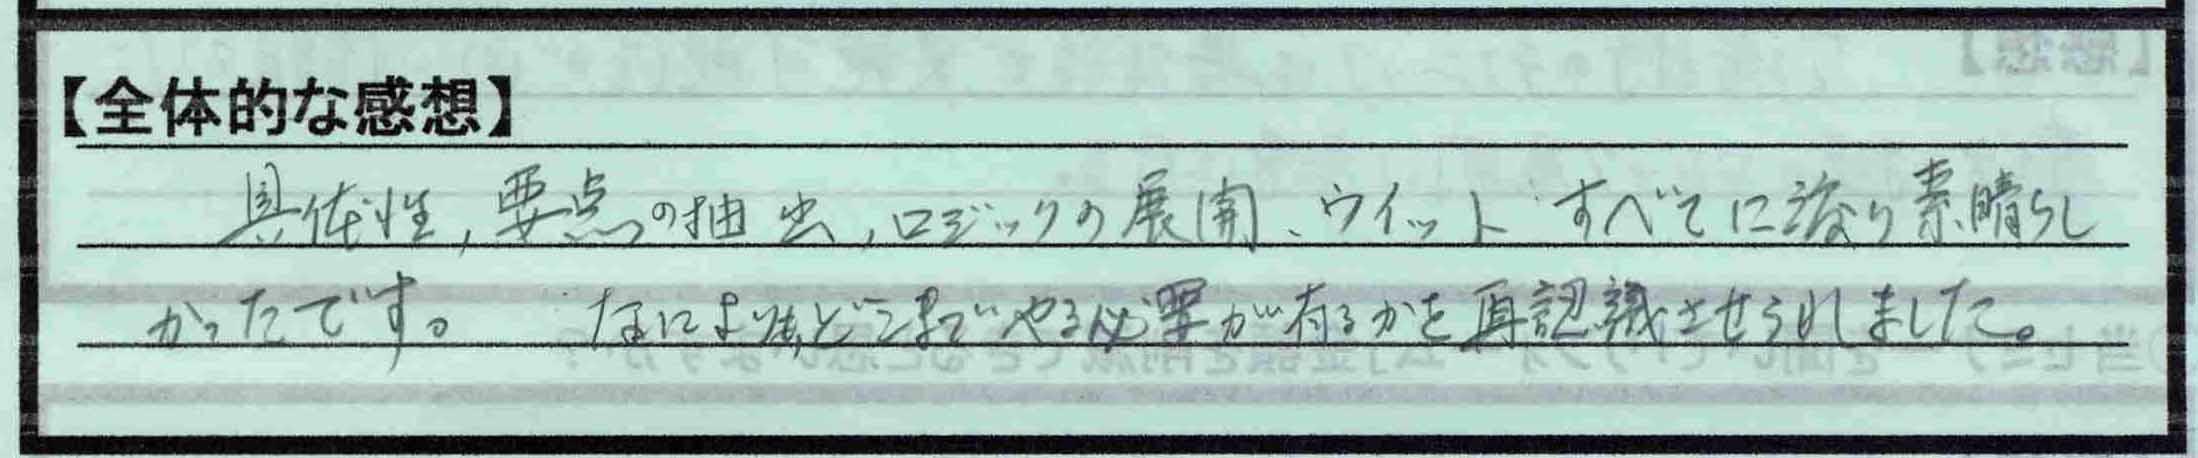 愛知県鈴木敦史さん